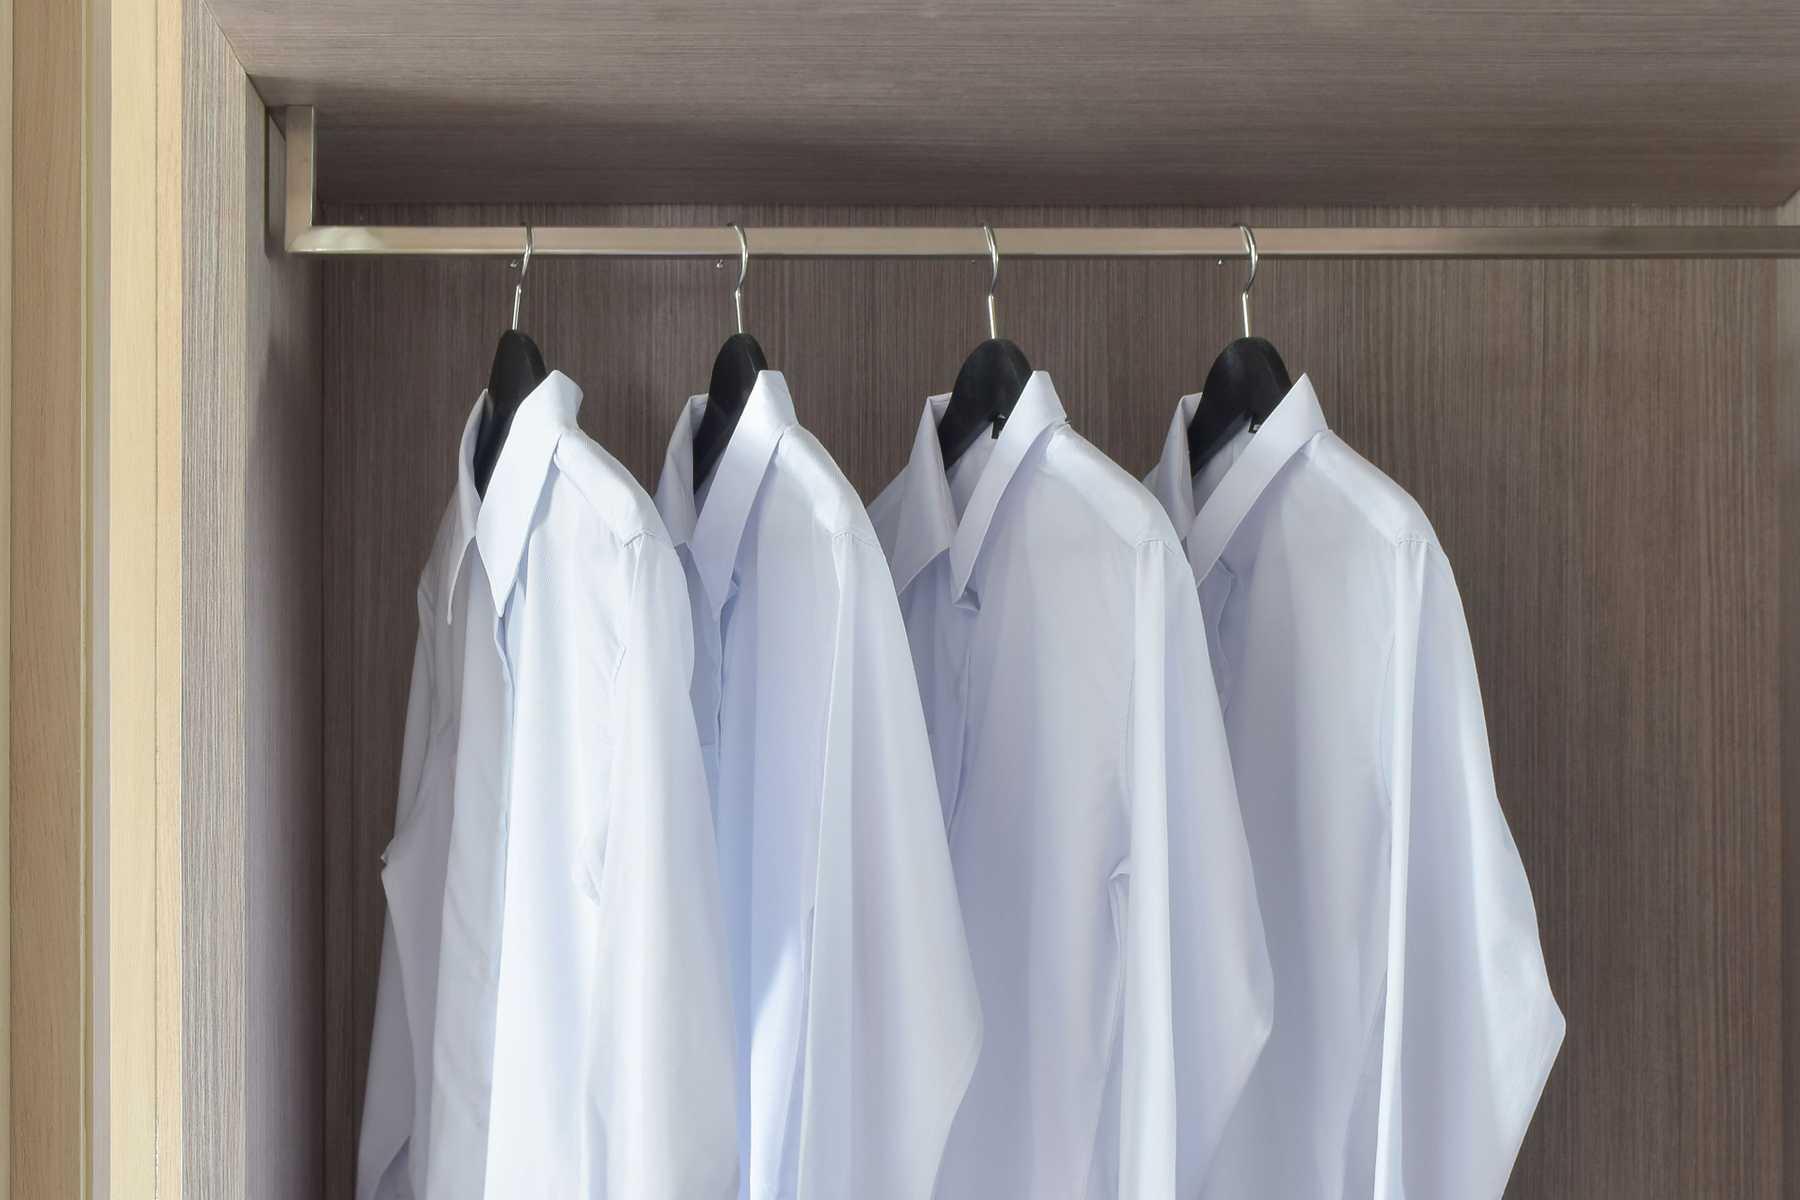 рубашки в шкафу